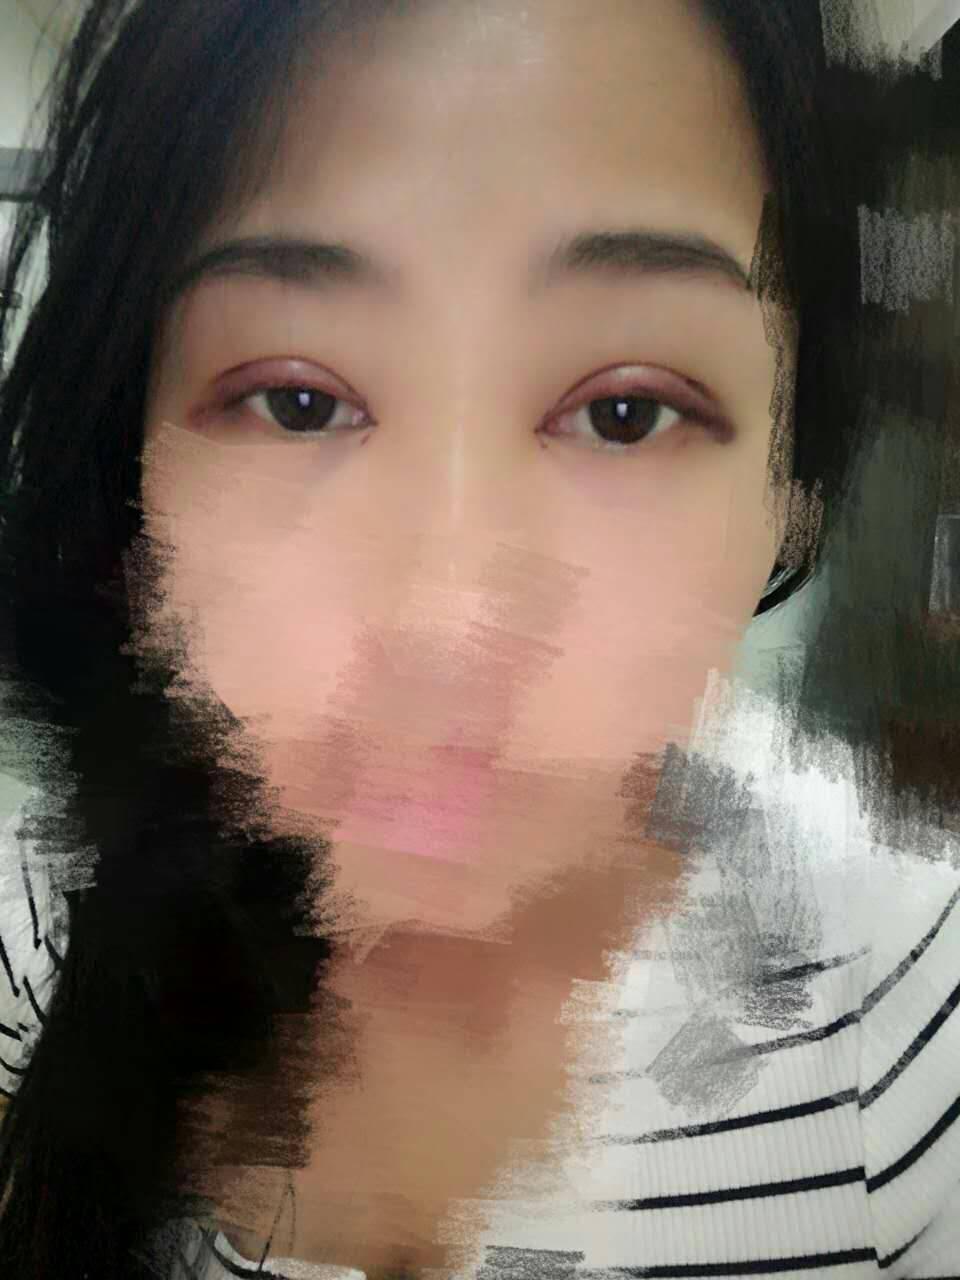 双眼皮加开眼角前后对比效果案例,感觉像变了一个人一样